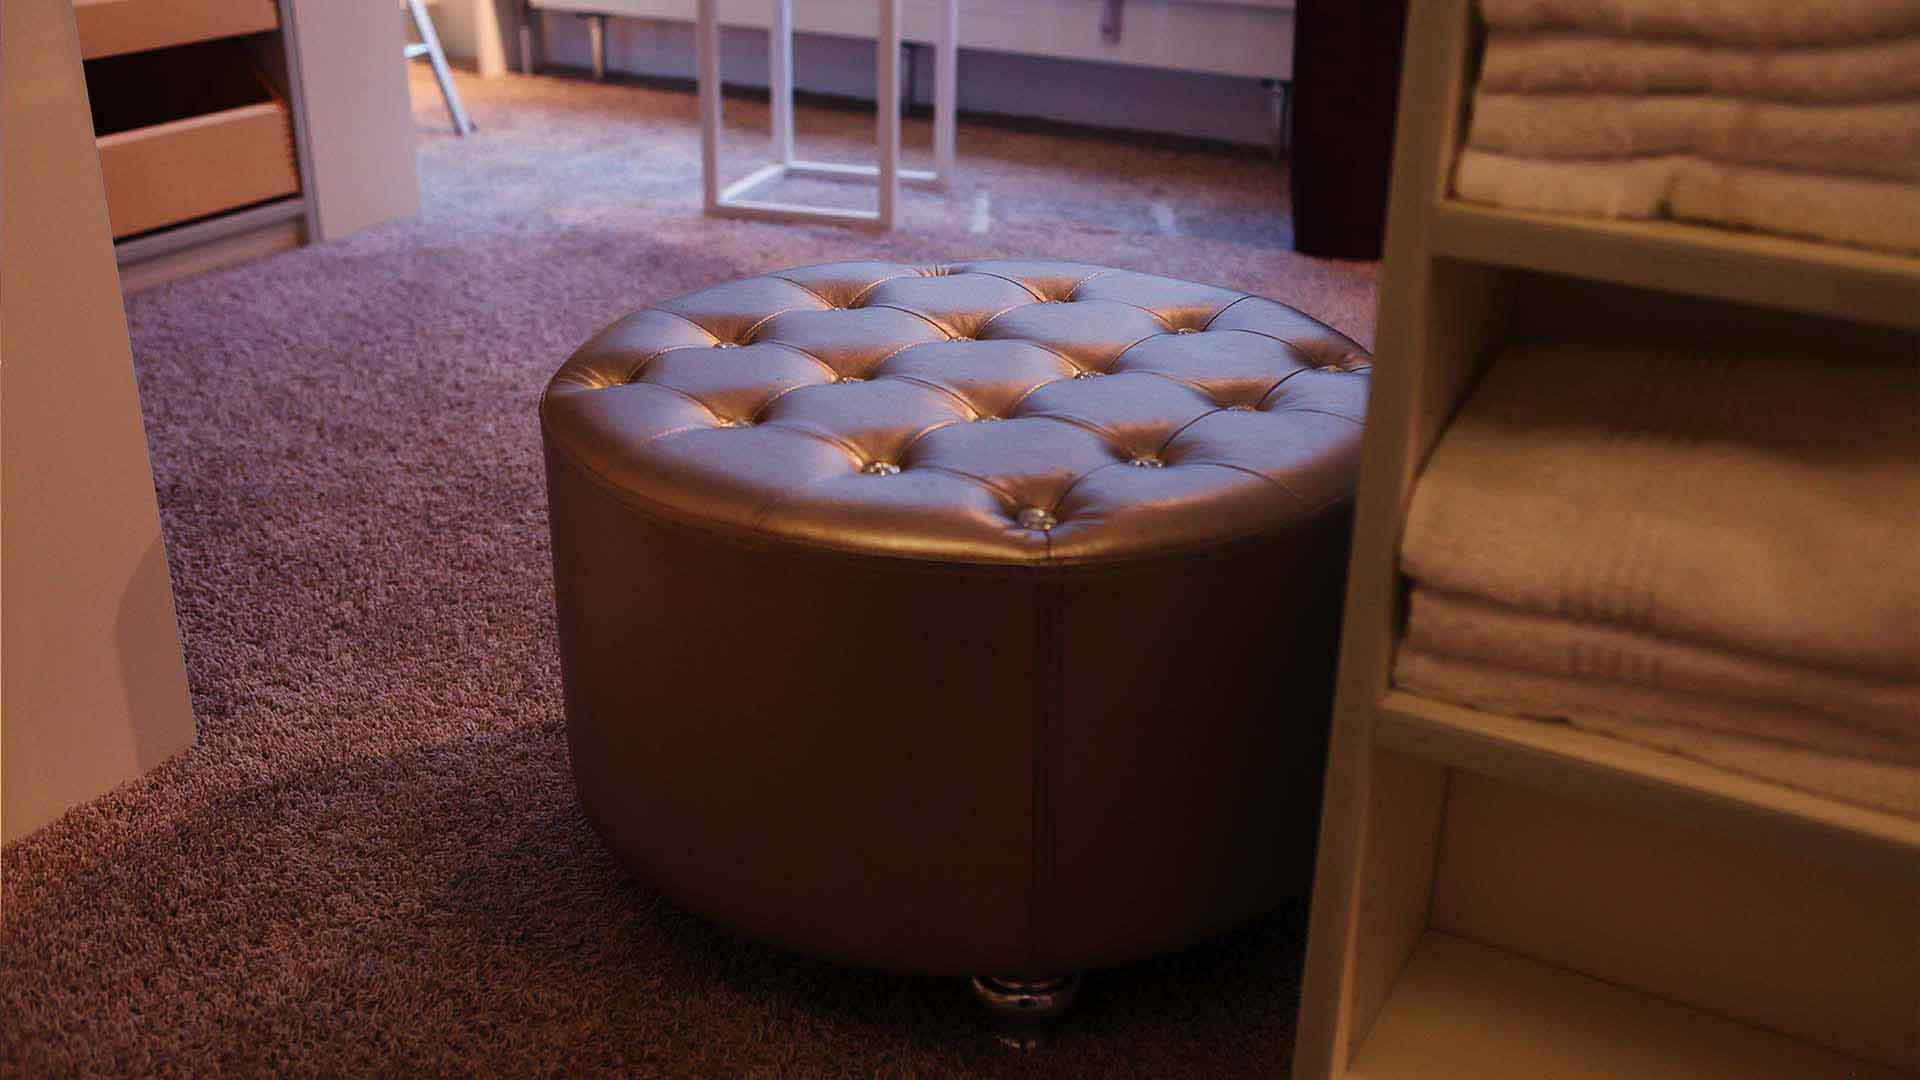 Das Bild zeigt einen Hocker der auf einem lila Teppich steht. Er ist braun gefärbt. Neben dem Hocker steht ein Regal. Dieses Regal ist aus Holz. Im Hintergrund sieht Tischbeine. Das Bild dient als Sliderbild für den Portfolioeintrag Zamaro von Panda Pictures.